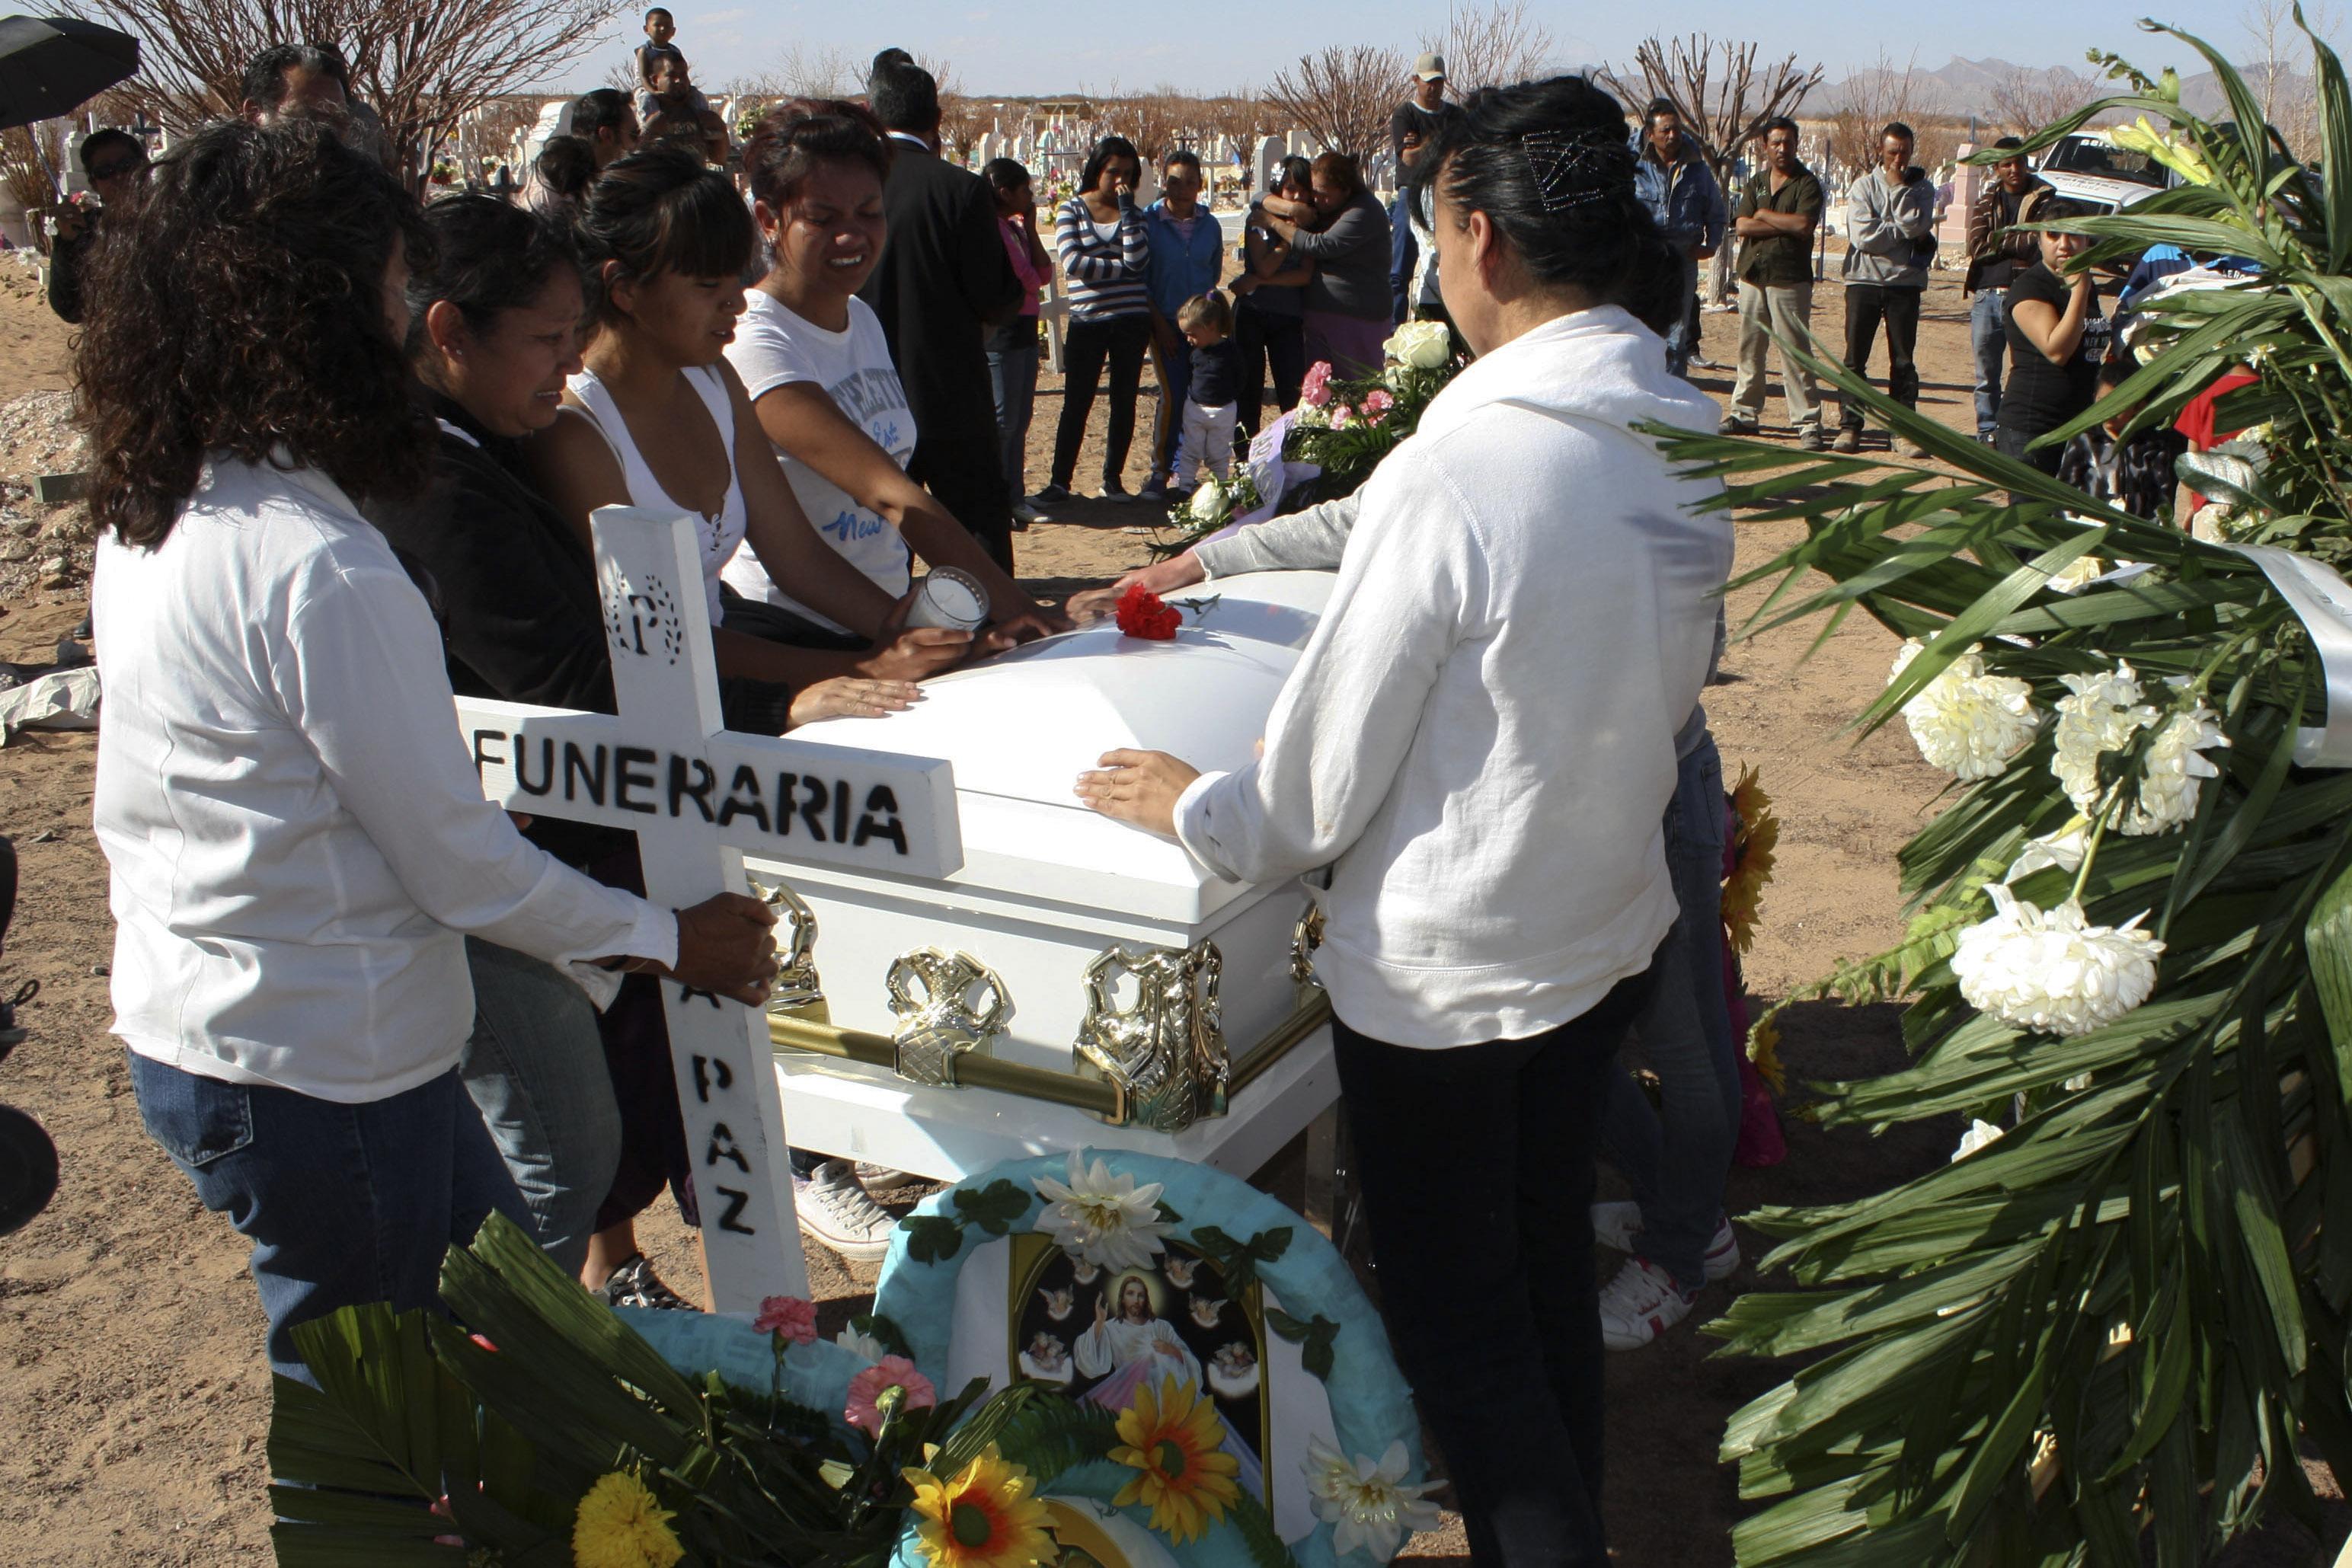 CIUDAD JUÁREZ, CHIHUAHUA, 27FEBRERO,2012.- Familiares y amigos cercanos dieron sepultura esta tarde a los restos de Andrea Guerrero Venzor, cuya osamenta localizaron a principios de mes en la sierra de San Agustín en el Valle de Juárez. El entierro se realizó en el panteón San Rafael, hasta donde el cortejo fúnebre llegó para dar el último adiós a Andrea quien tuviera ya 17 años. De acuerdo con las autoridades El reporte de desaparición de Andrea Guerrero Venzor fue interpuesto por sus familiares el 19 de agosto de 2010. El día 7 de febrero de este año tras rastreos en la Sierra de la Sierra de San Agustín, municipio de Praxedis G. Guerrero, se localizaron restos óseos de tres personas. FOTO: NACHO RUIZ /CUARTOSCURO.COM